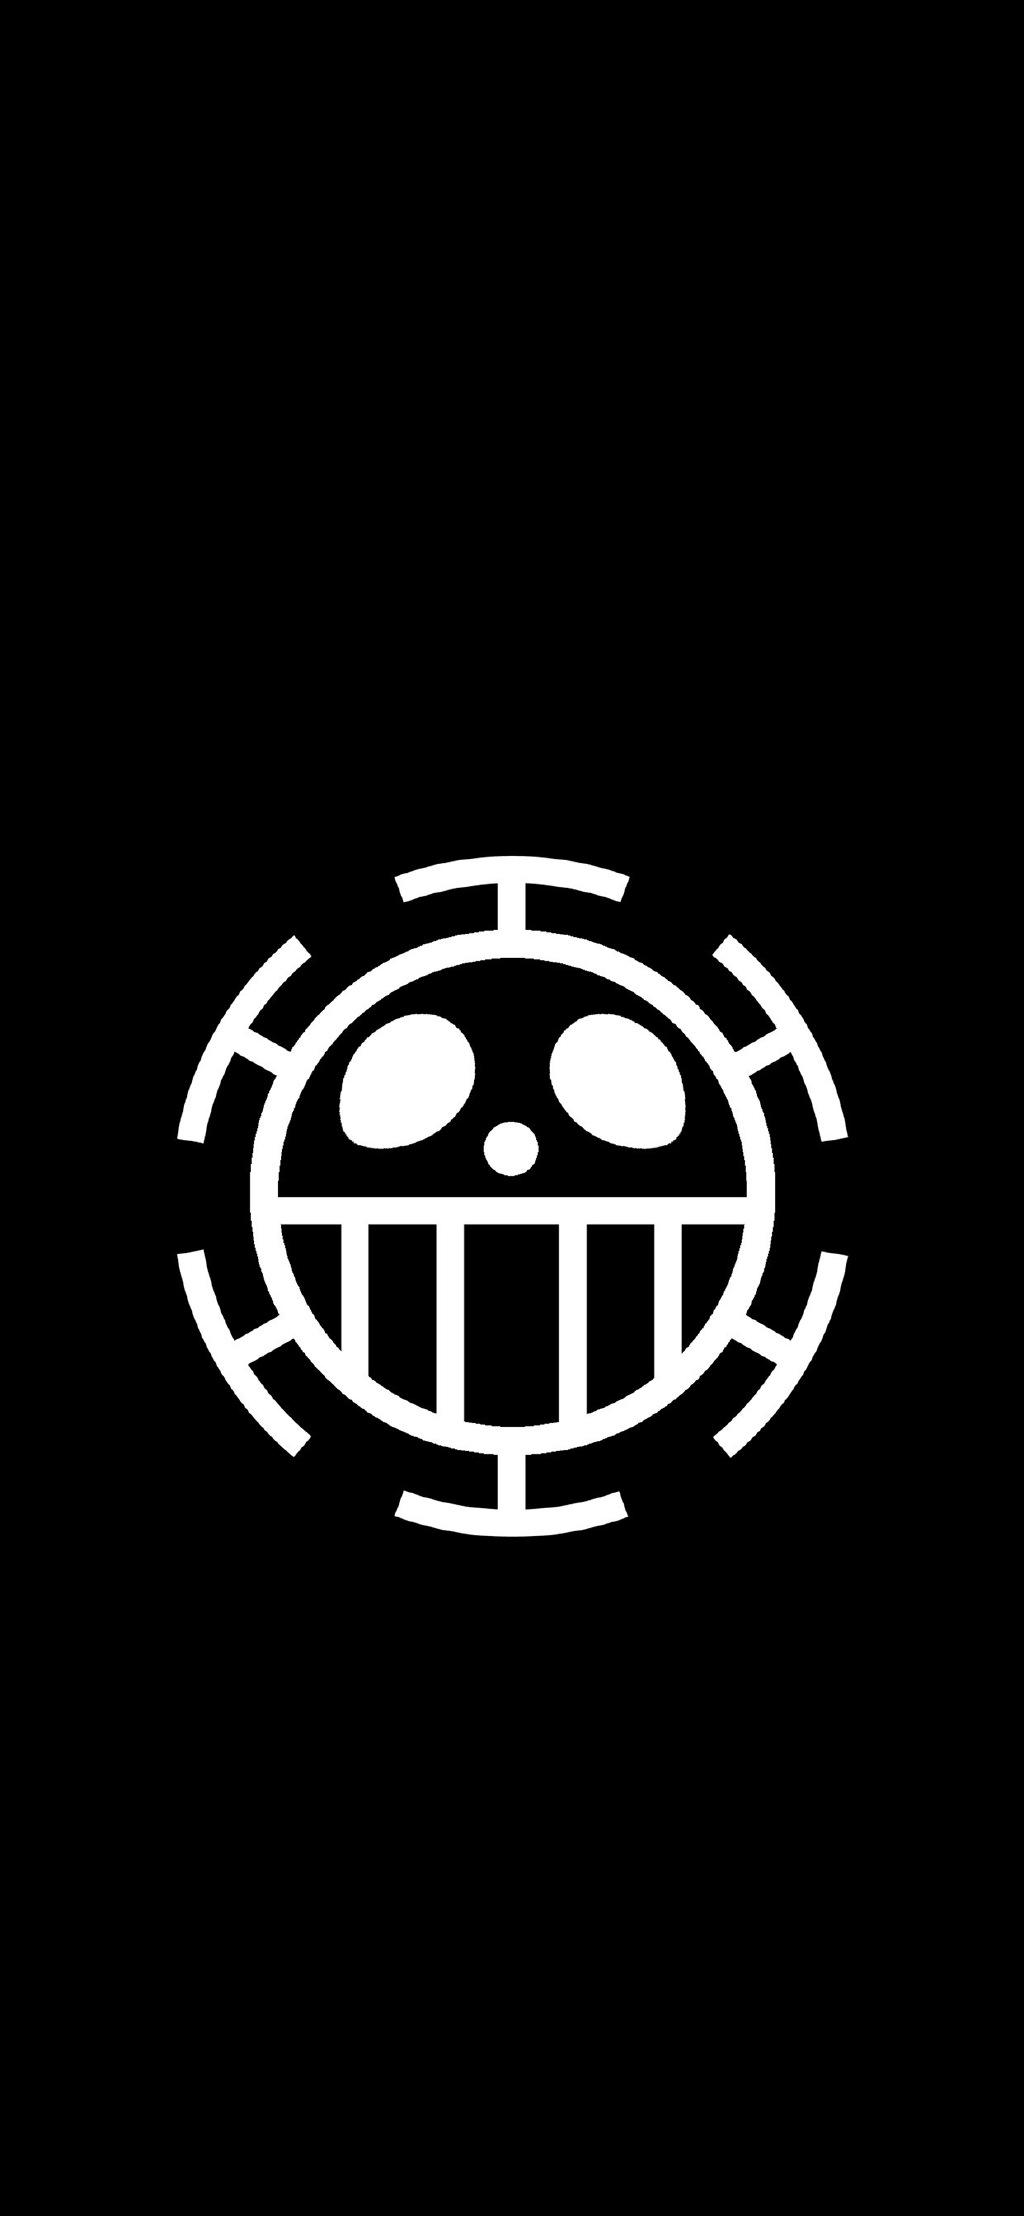 海盗卡通船标高清手机黑白壁纸